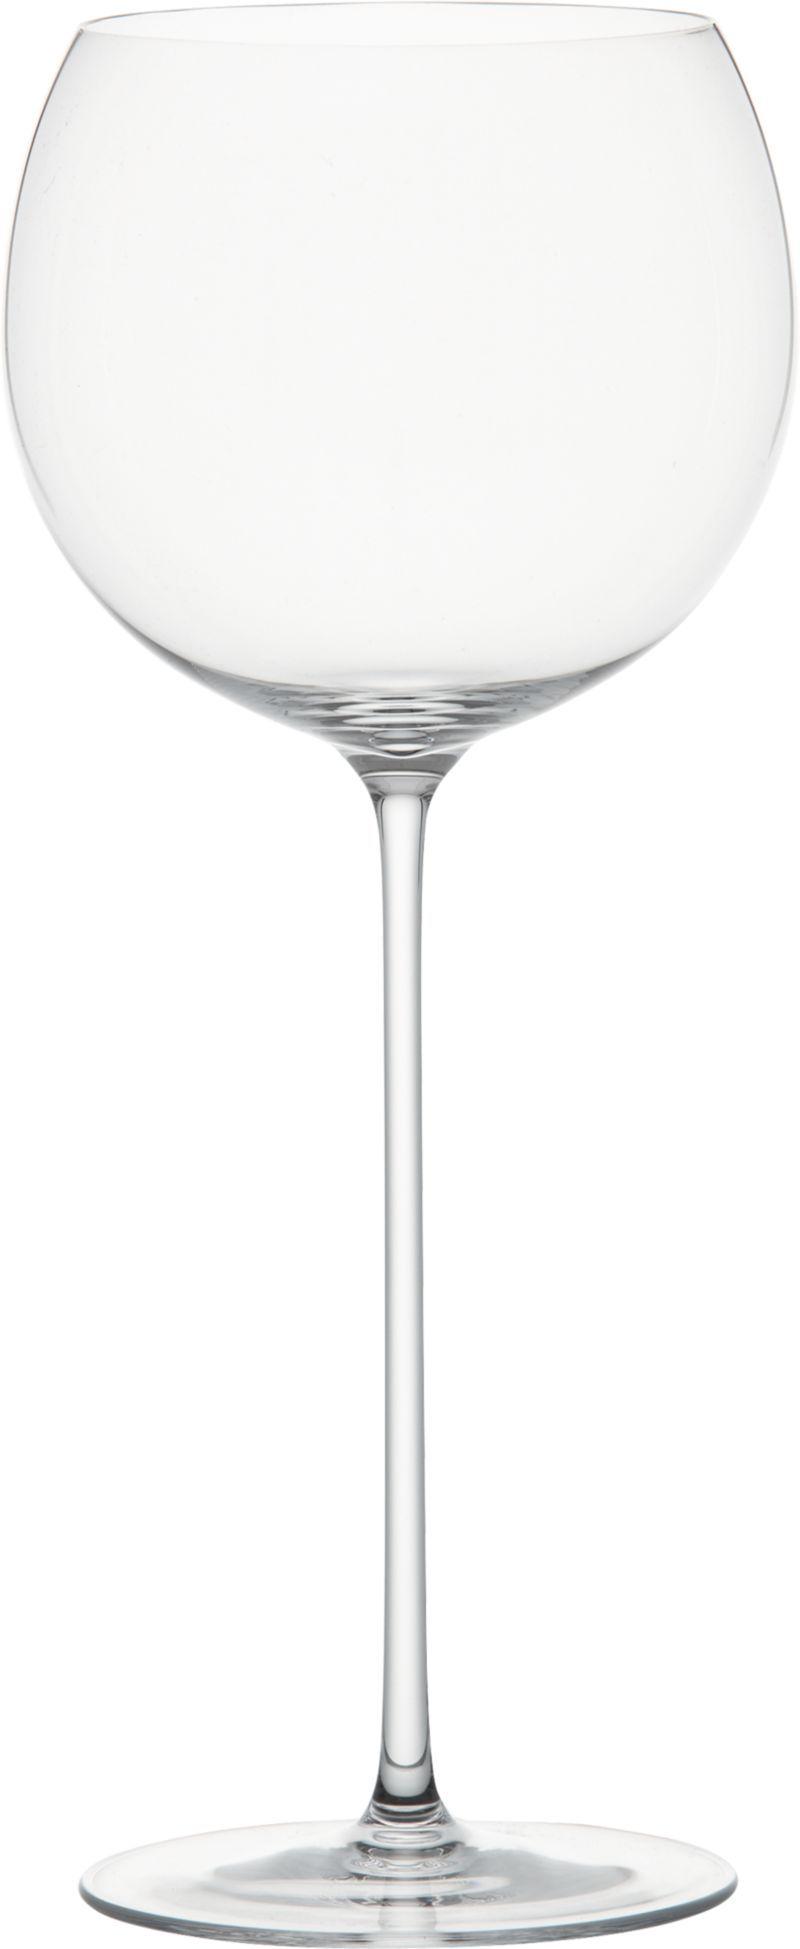 Camille 23 Oz. Long Stem Wine Glass - Red | Tipps und Küche